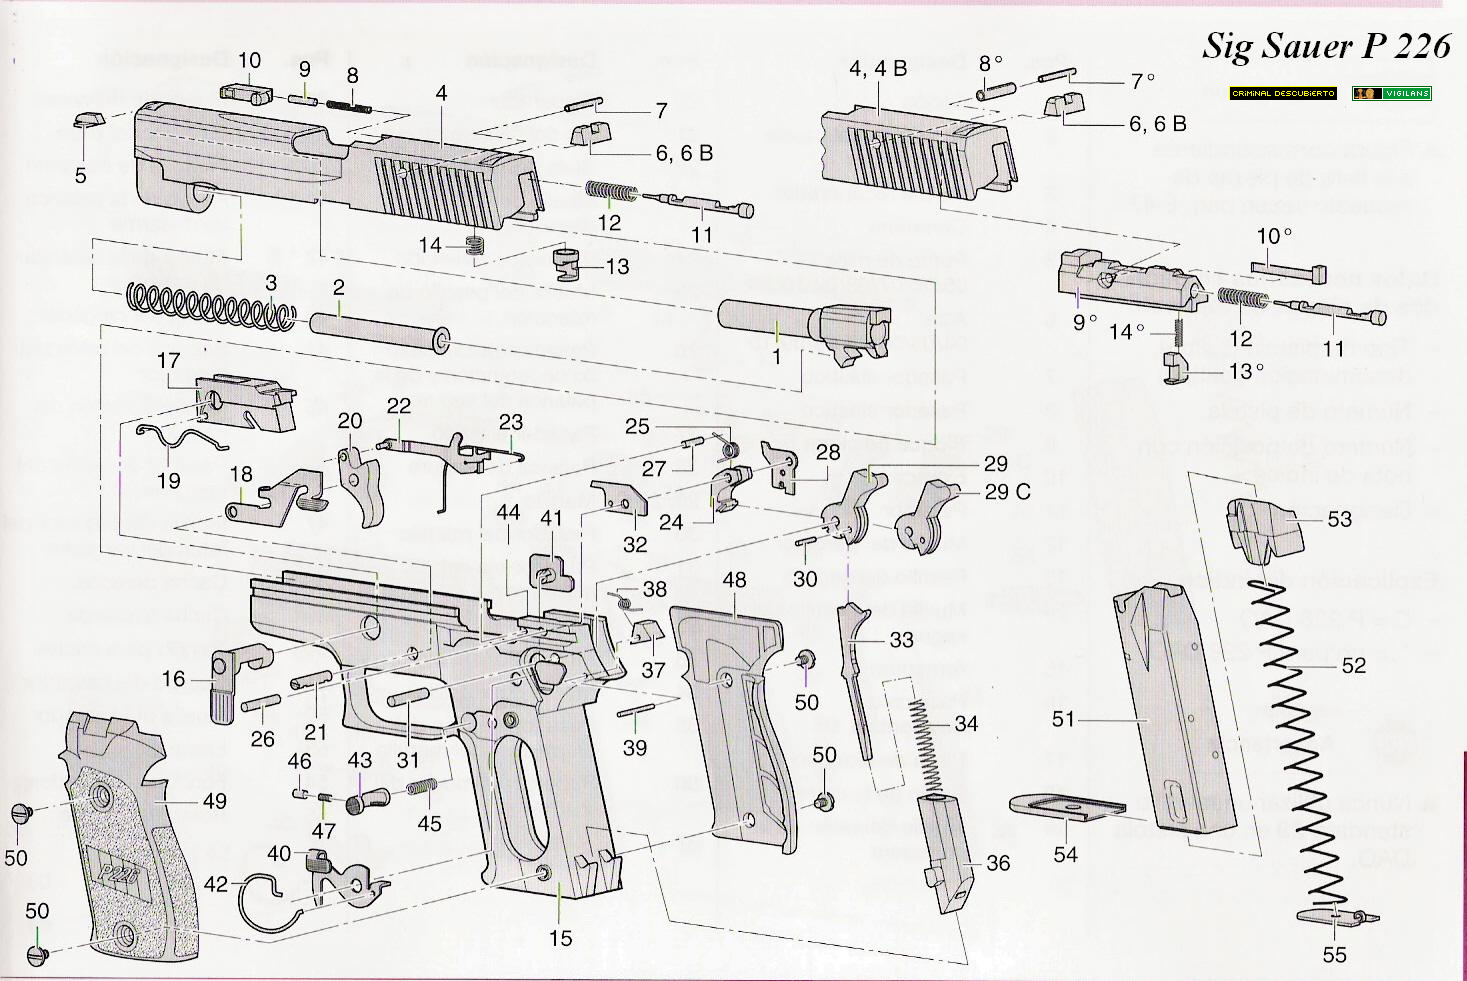 Pistola Sig Sauer P226 Y P226 X Five